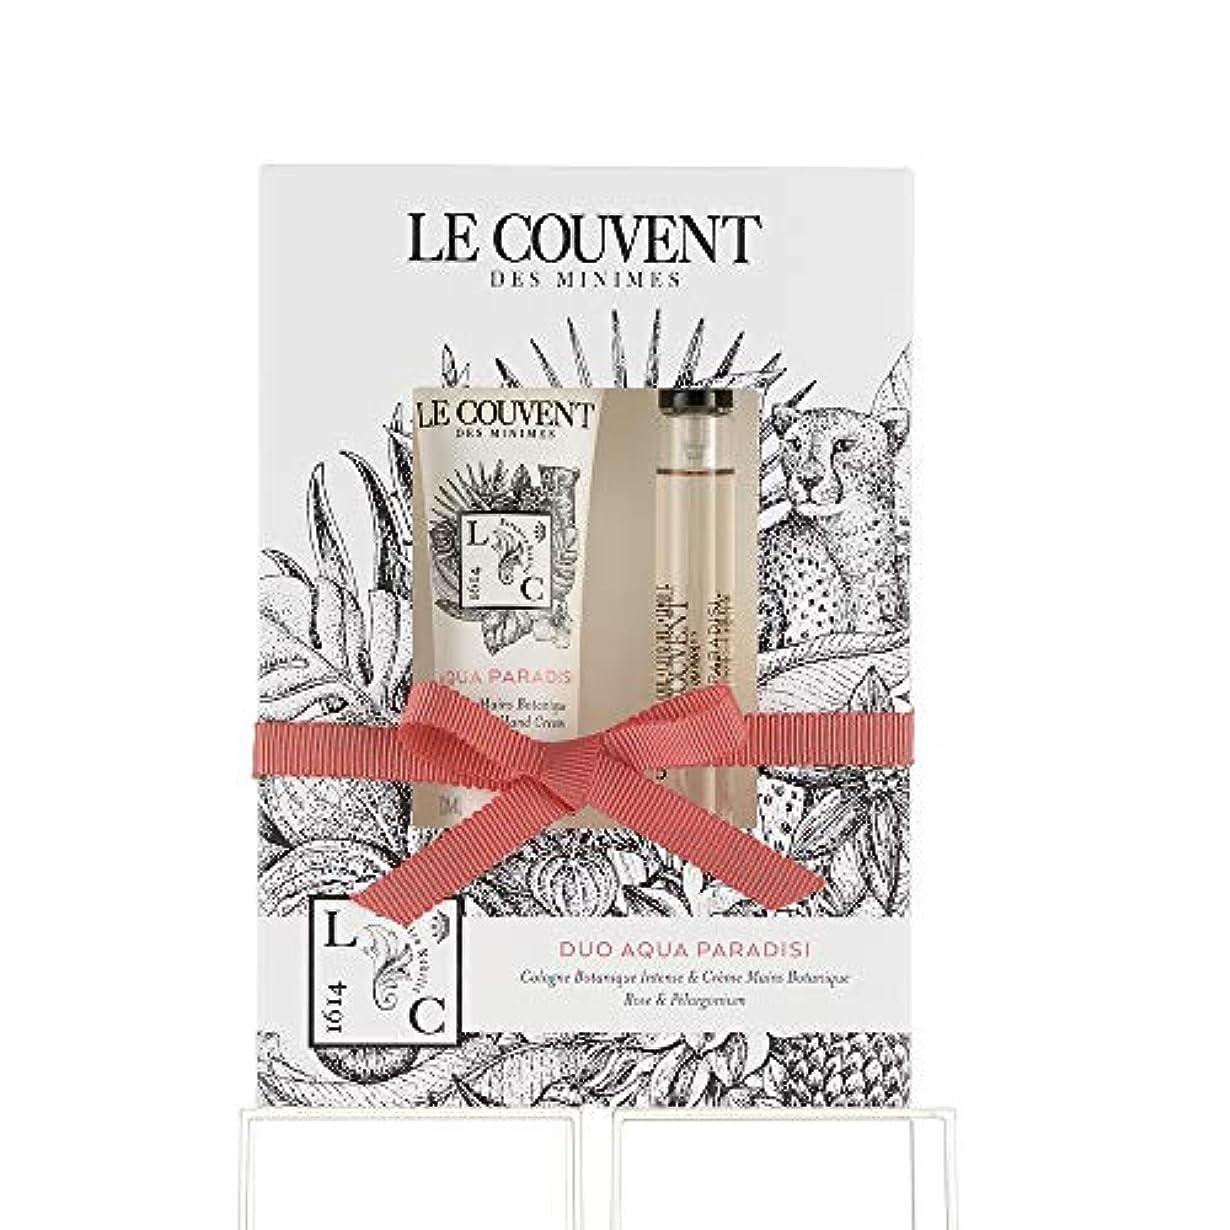 特定の識別するデイジークヴォン?デ?ミニム(Le Couvent des Minimes) ボタニカルデュオ ボタニカルコロン アクアパラディシ10mL×1、アクアパラディシ ハンドクリーム30g×1